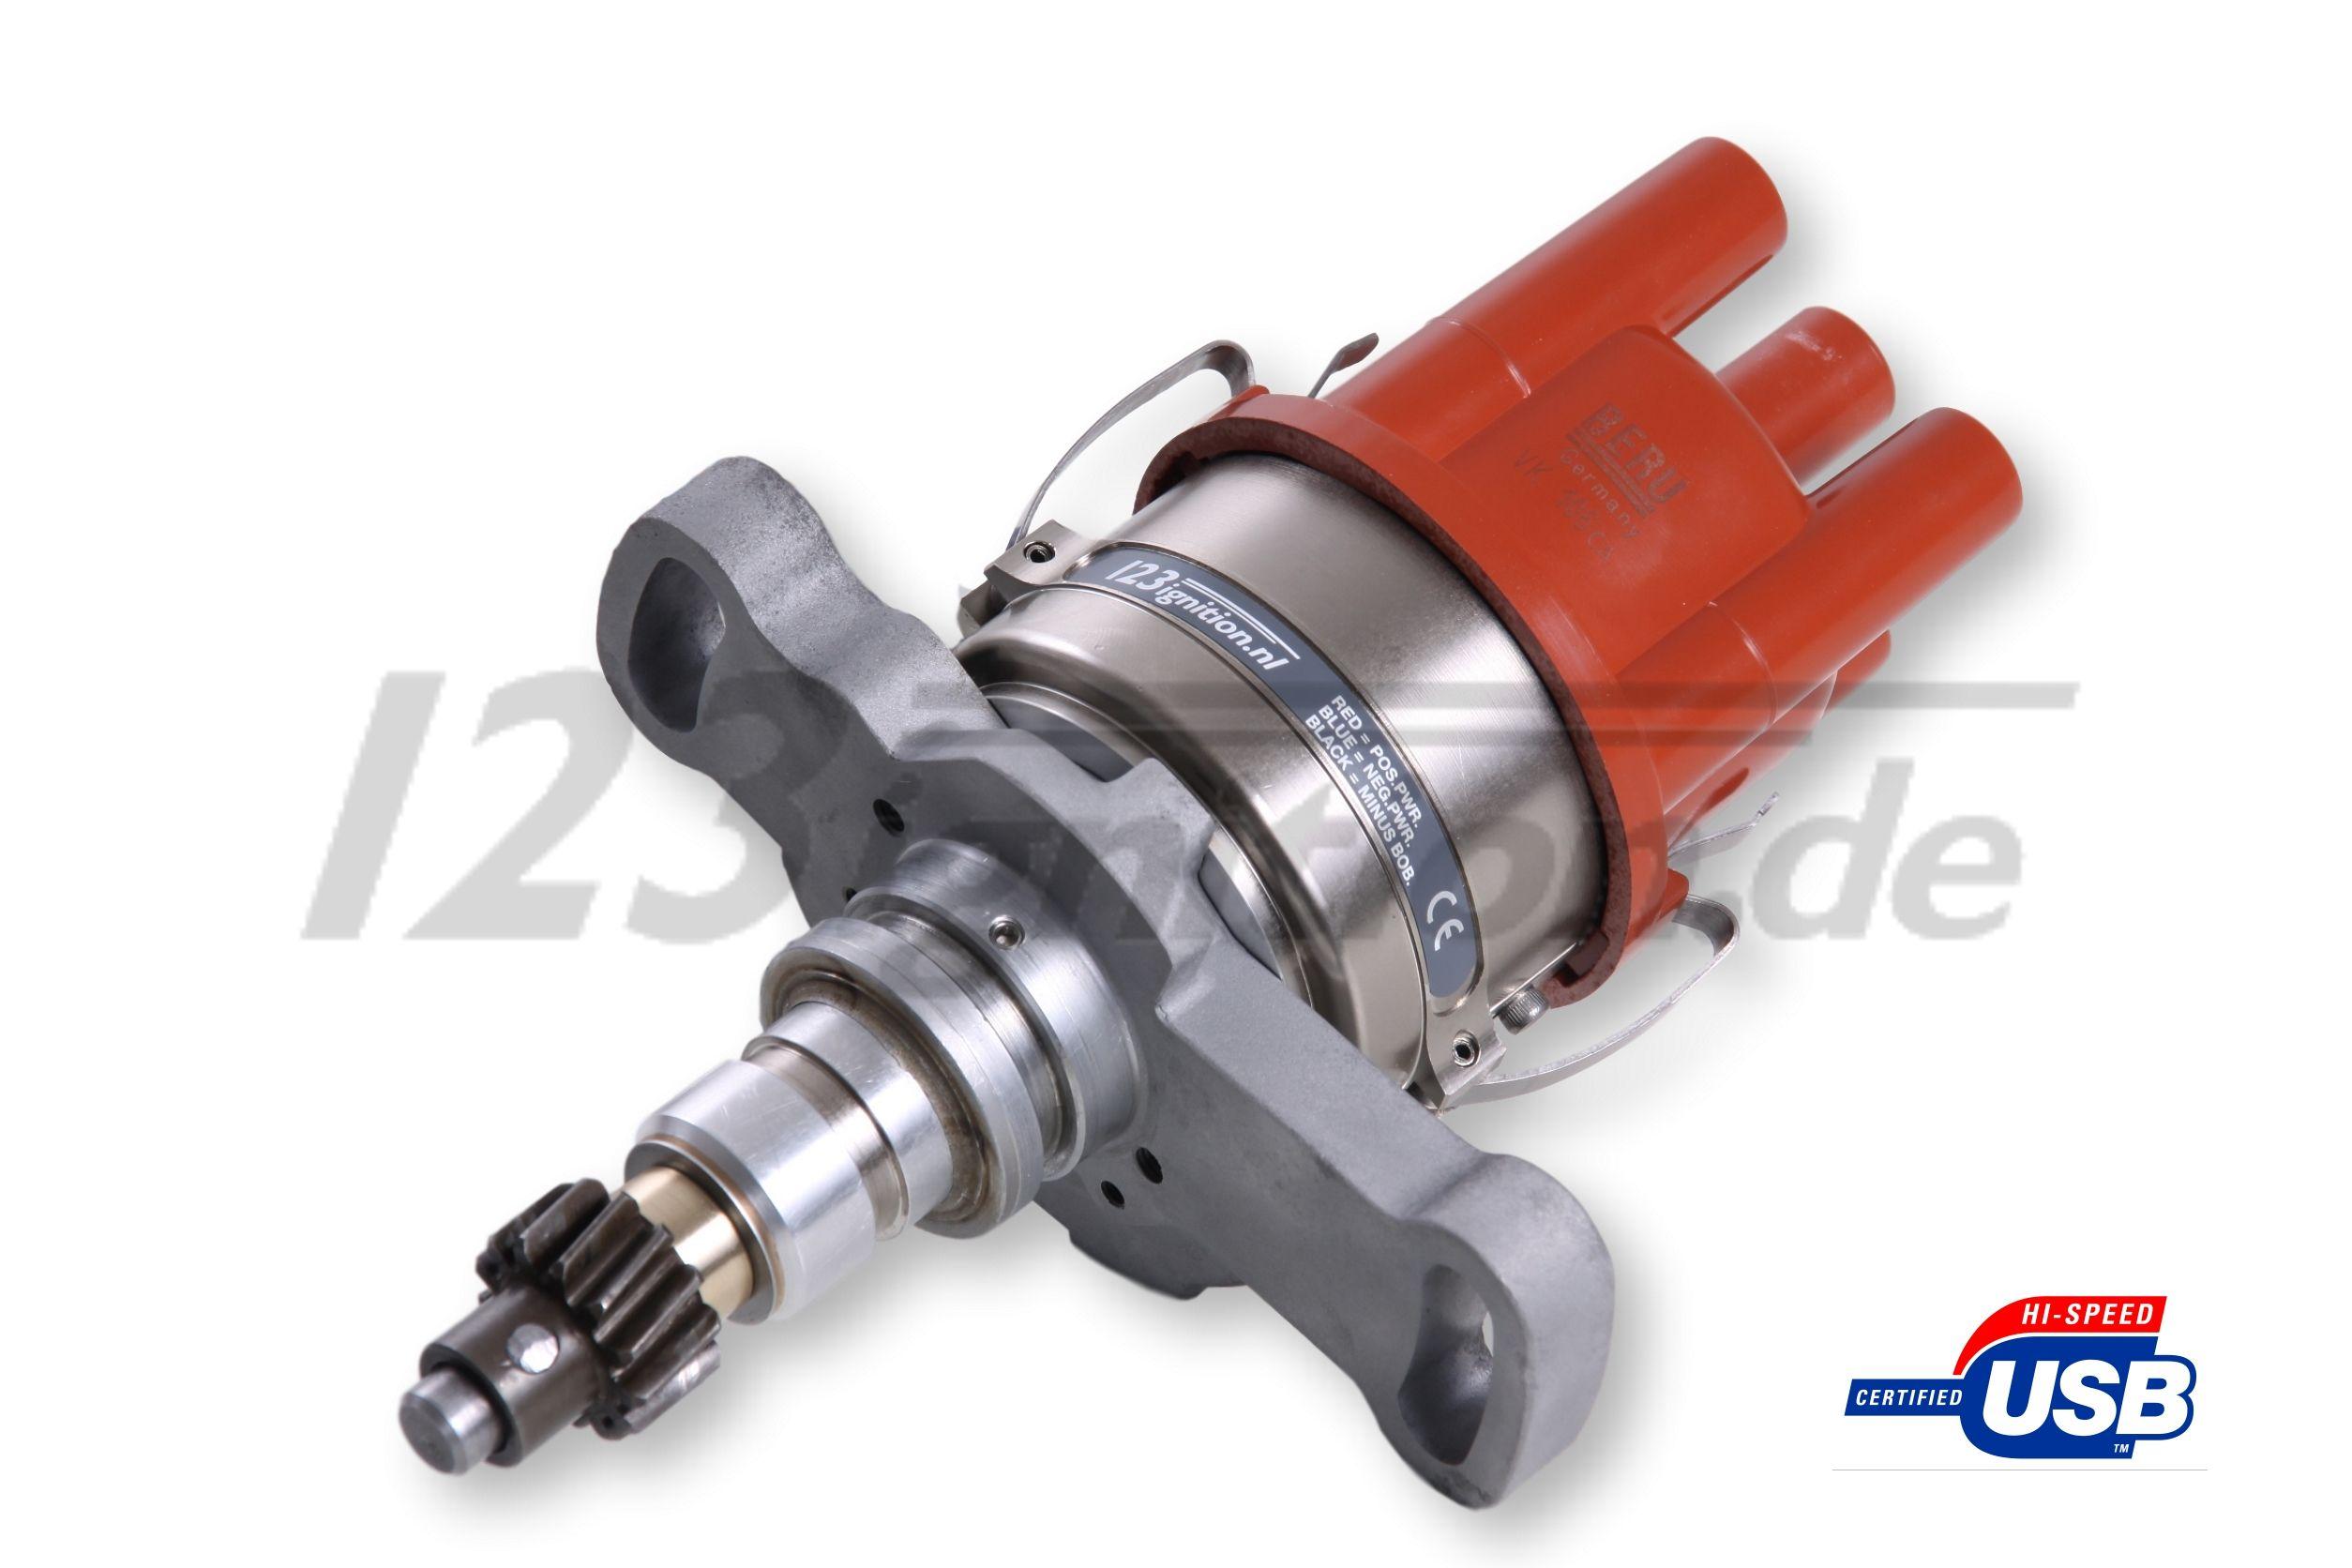 123\TUNE USB ontsteking verdeler voor Toyota Corolla Celica Carina MR2 4A-GE motor